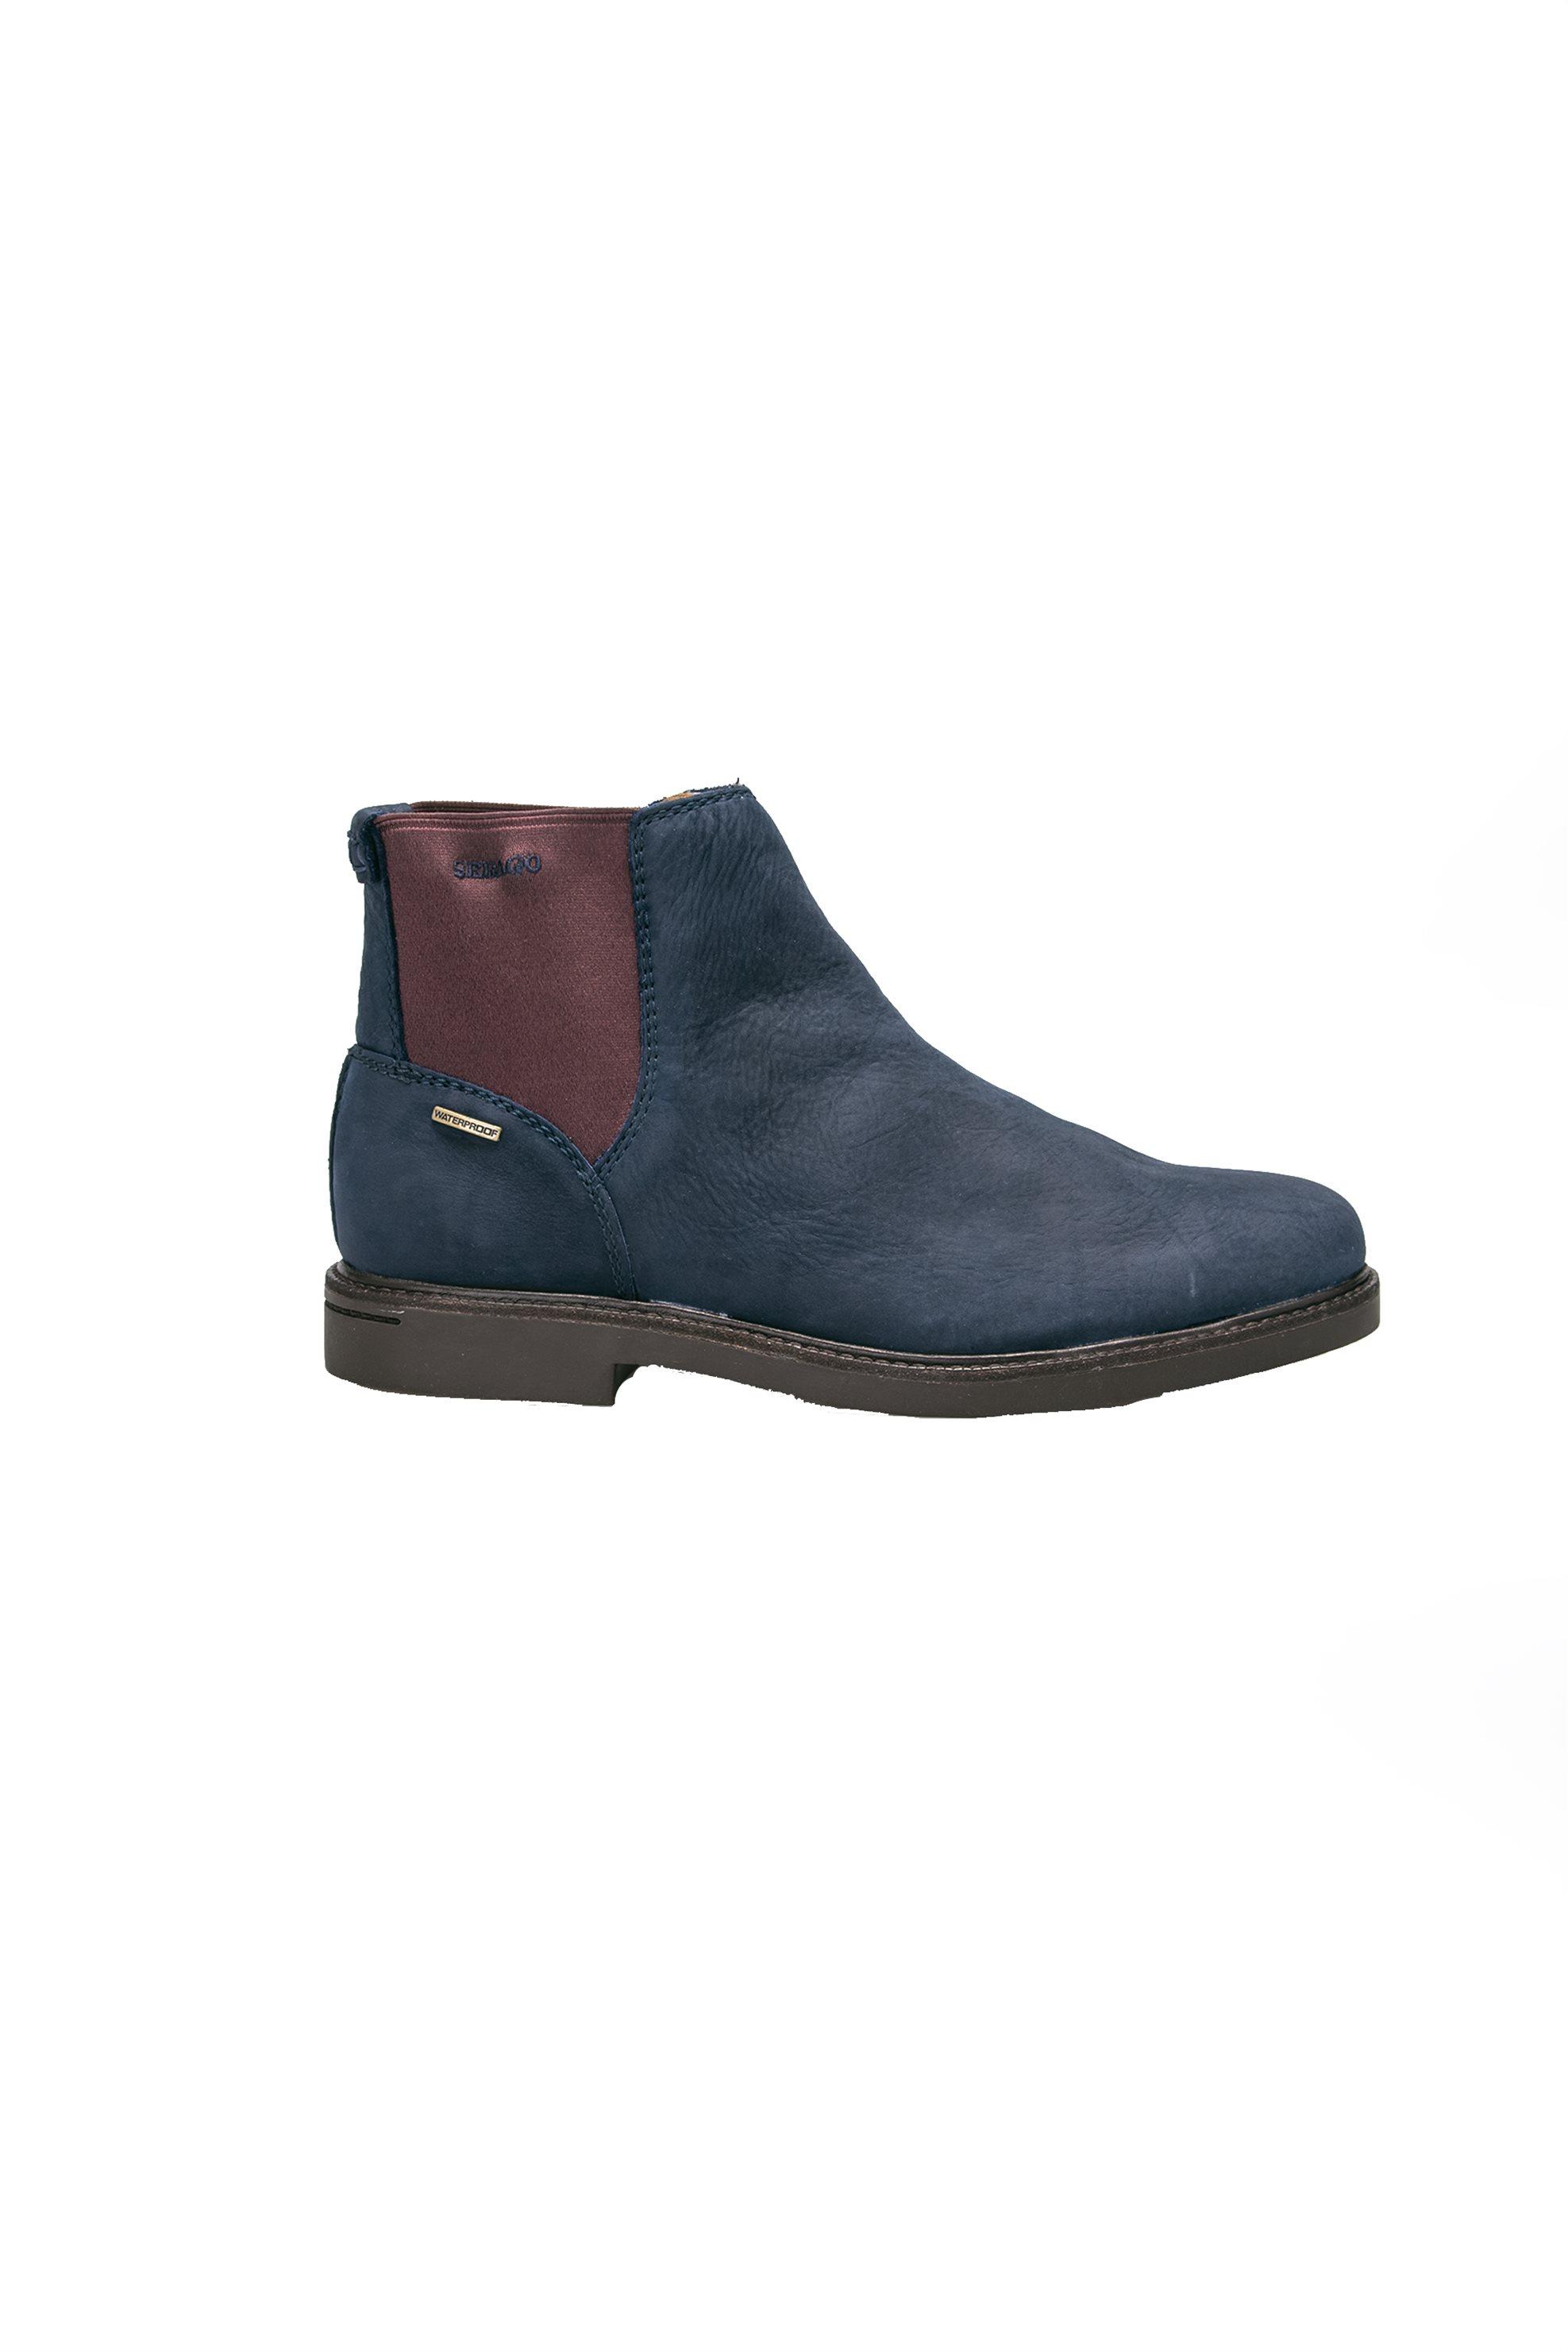 Ανδρικά παπούτσια Sebago – B810249 – Μπλε Σκούρο